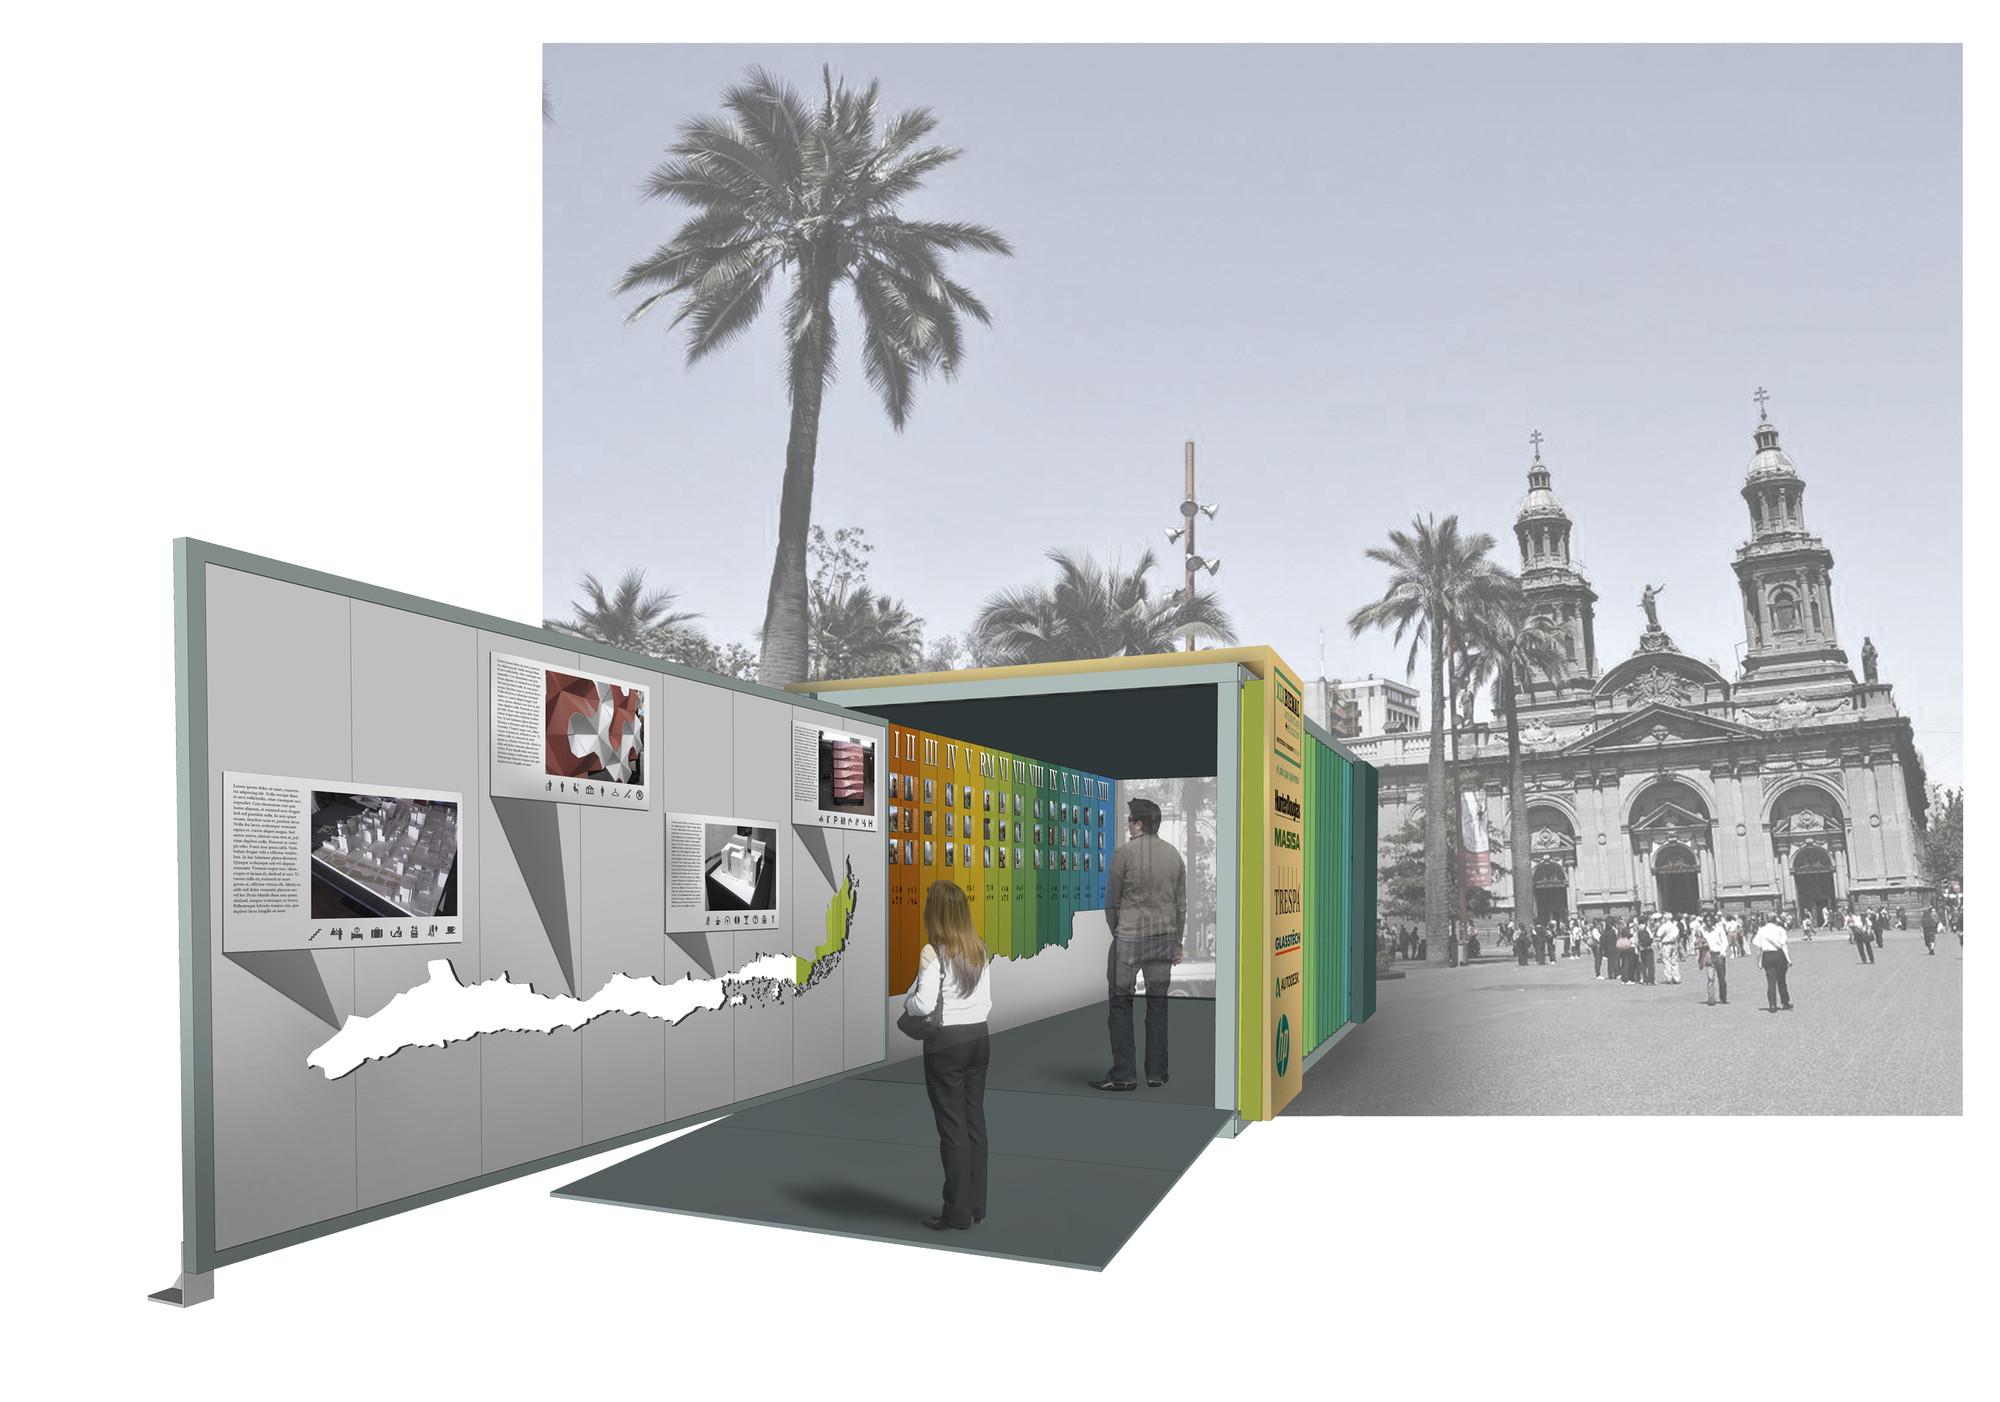 Satélites, la muestra itinerante de la XIX Bienal Chilena de Arquitectura y Urbanismo, Zona Centro. Image Cortesia de Rodrigo Ortiz